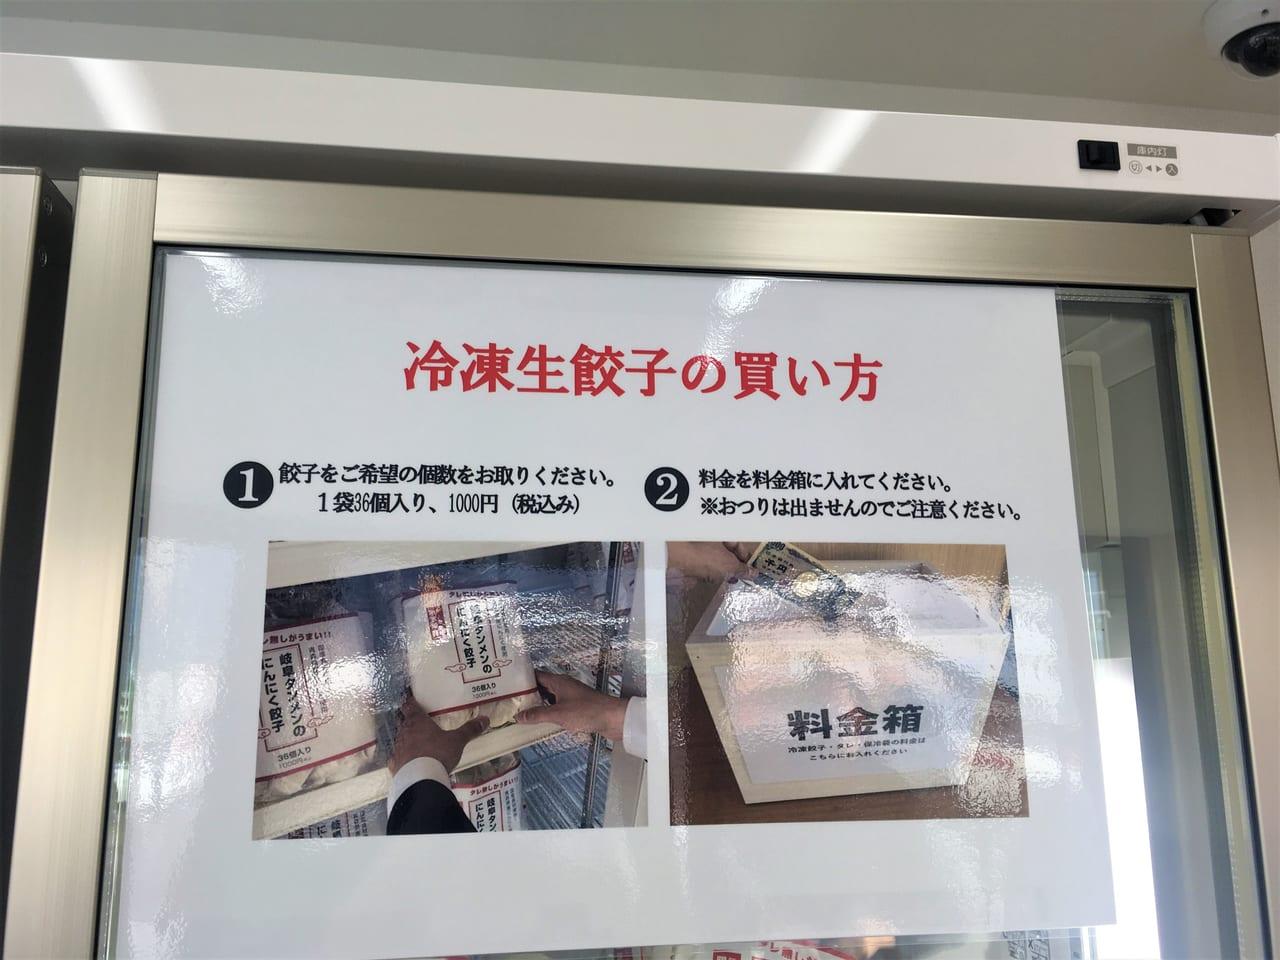 岐阜タンメン にんにく餃子 24時間無人販売所の冷凍餃子 購入の仕方